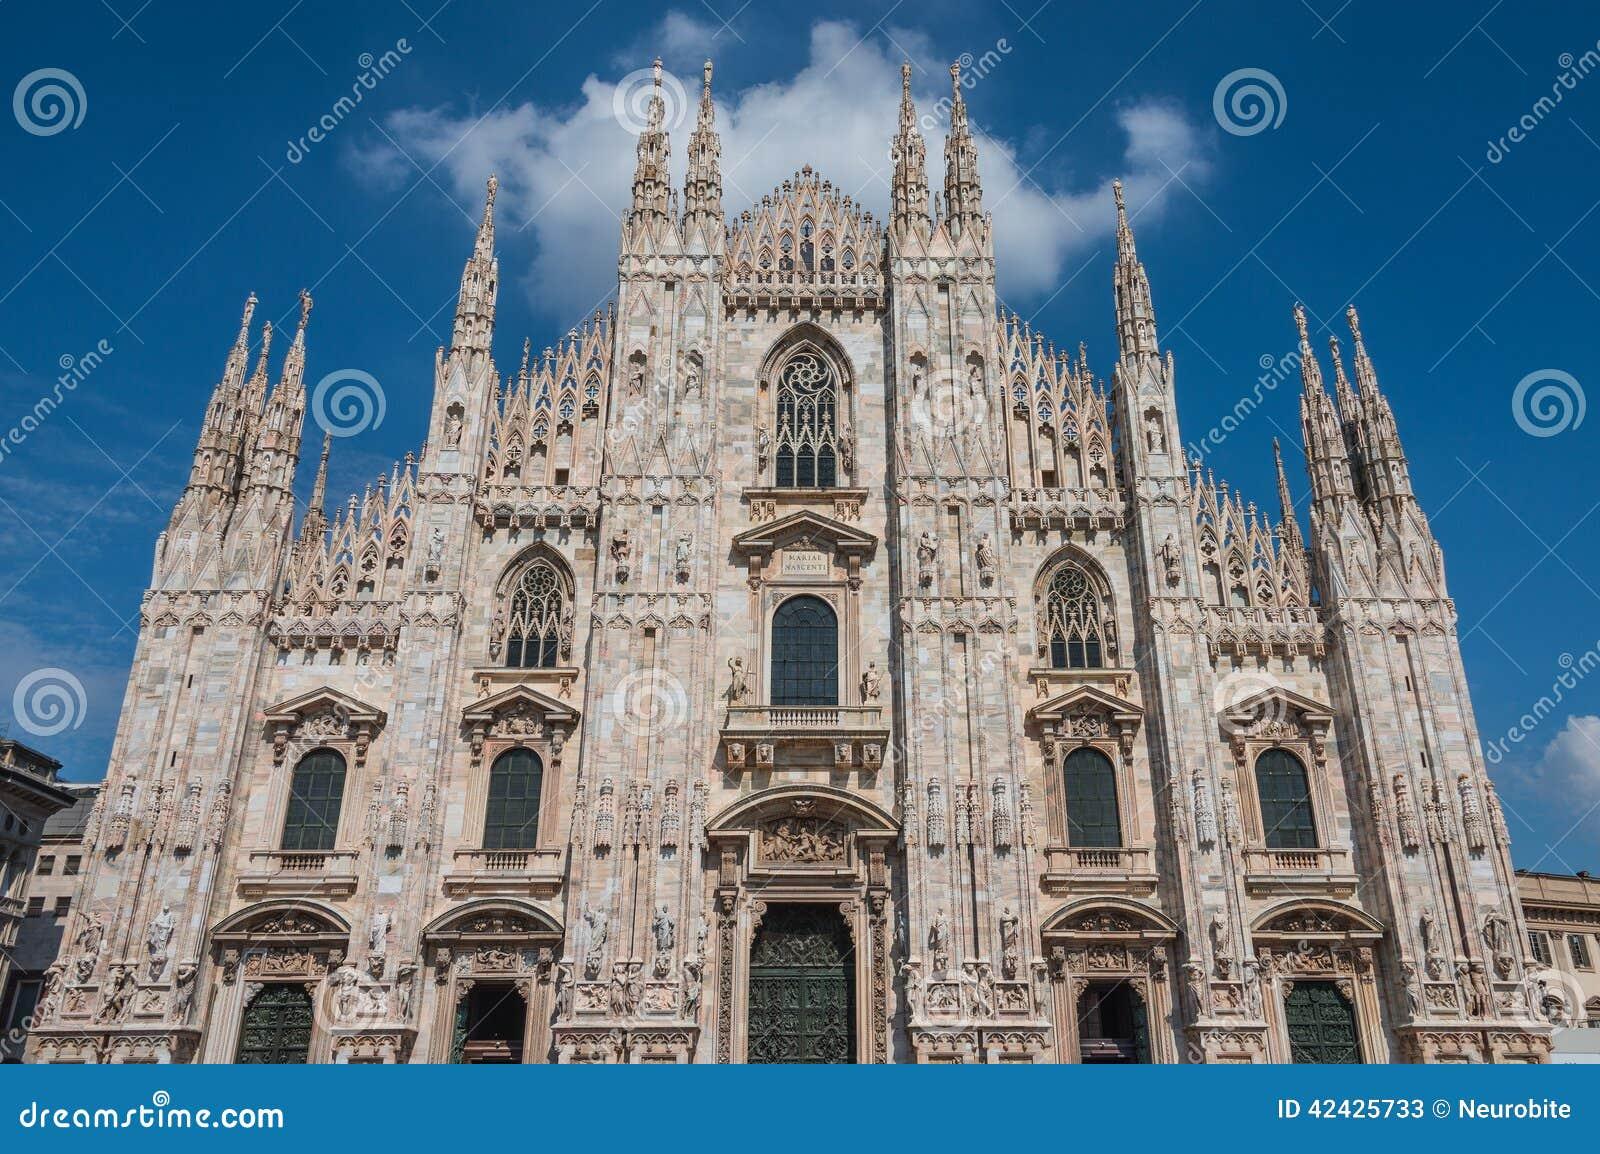 Di Milano, catedral del Duomo de Milano, Italia